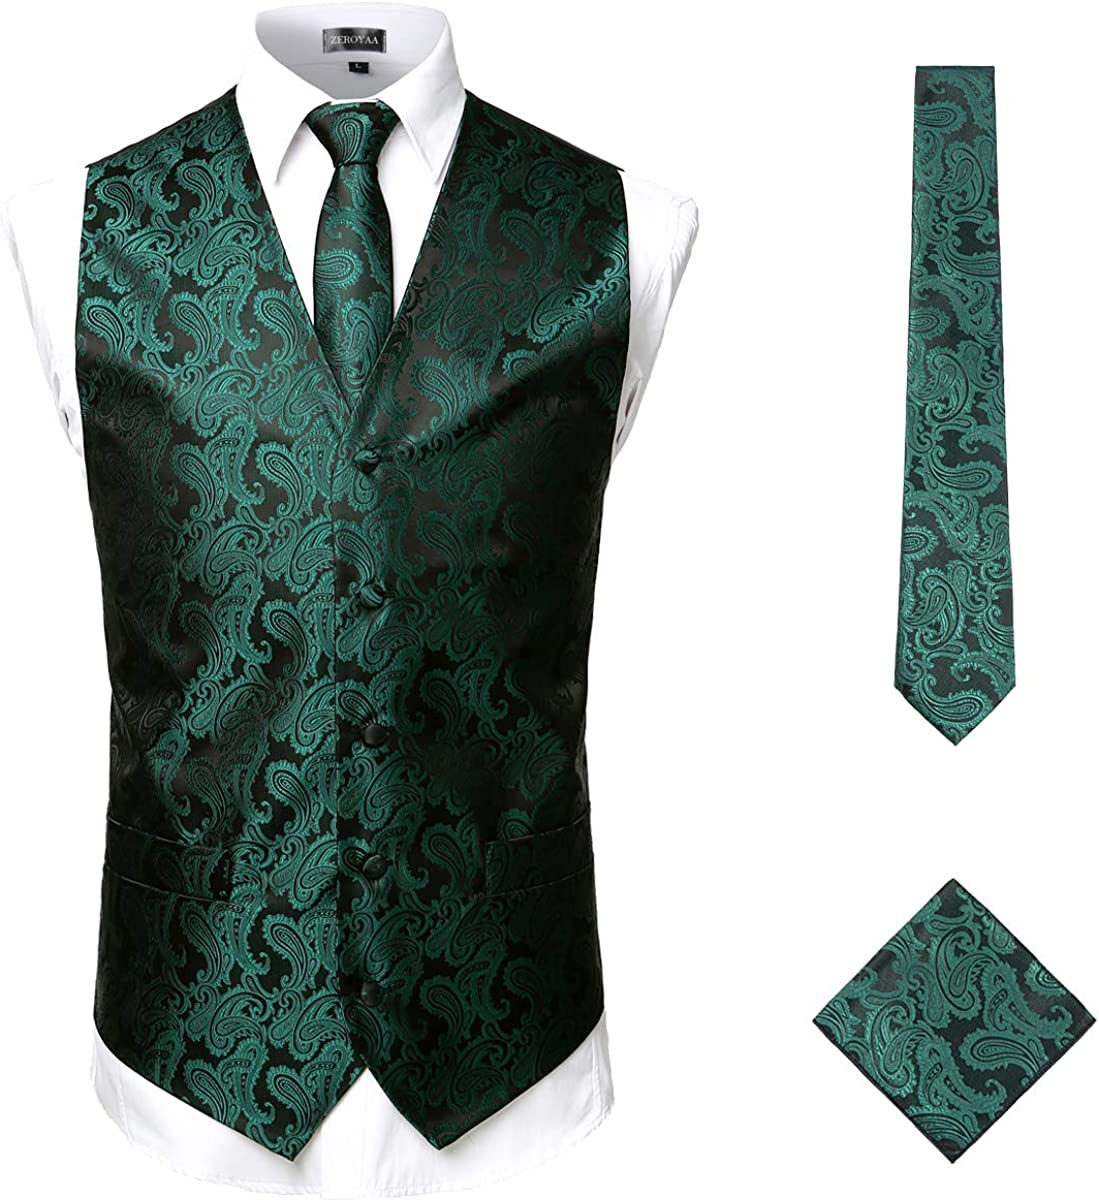 ZEROYAA Men's Classic 3pc Paisley Jacquard Vest Set Necktie Pocket Square Set for Suit or Tuxedo